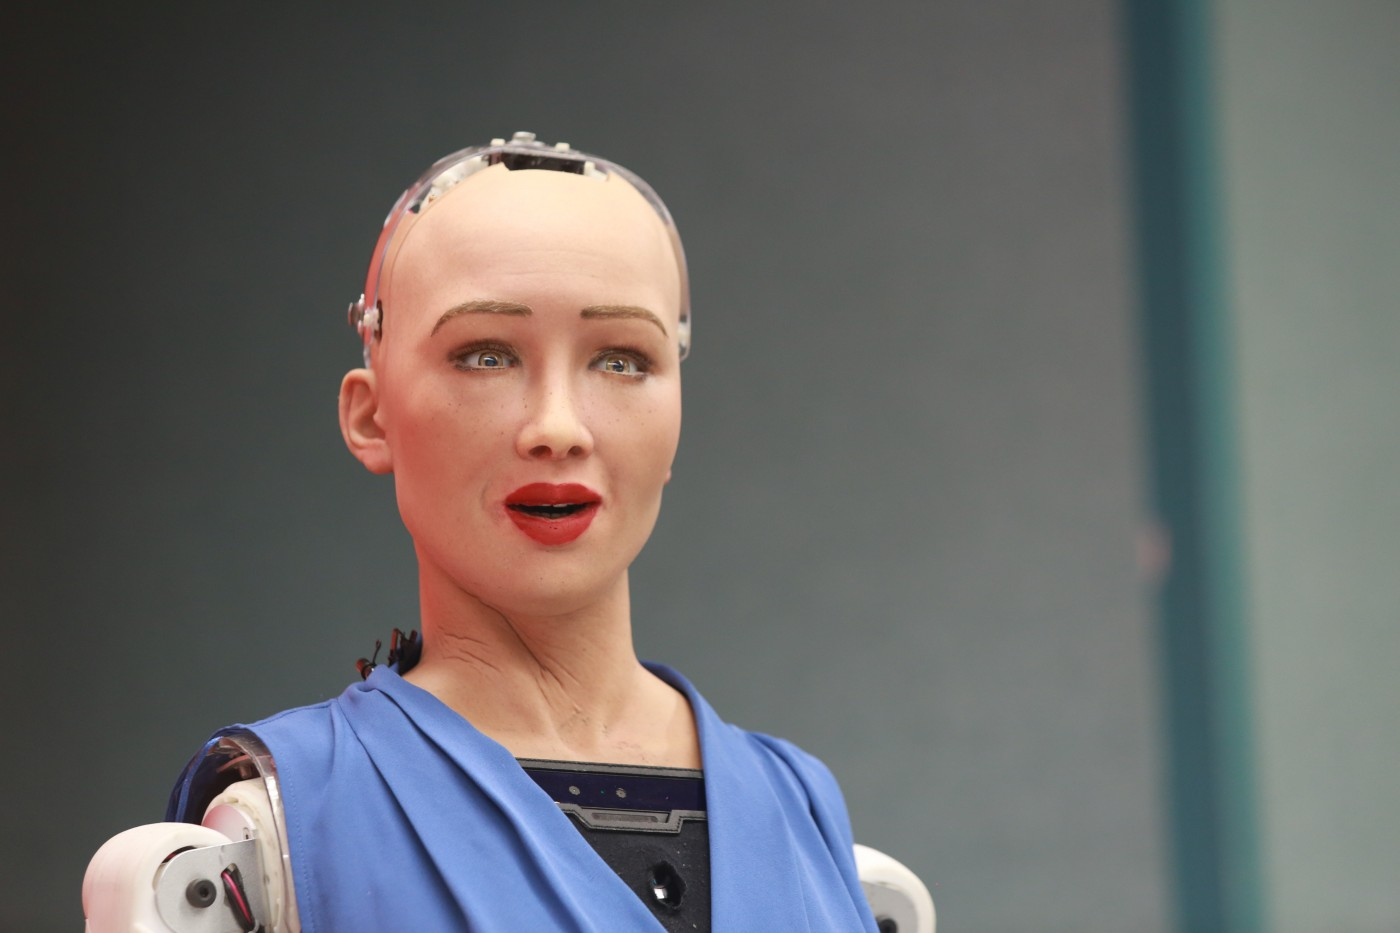 寂寞爱上AI成人机器人,算出轨的一种吗?